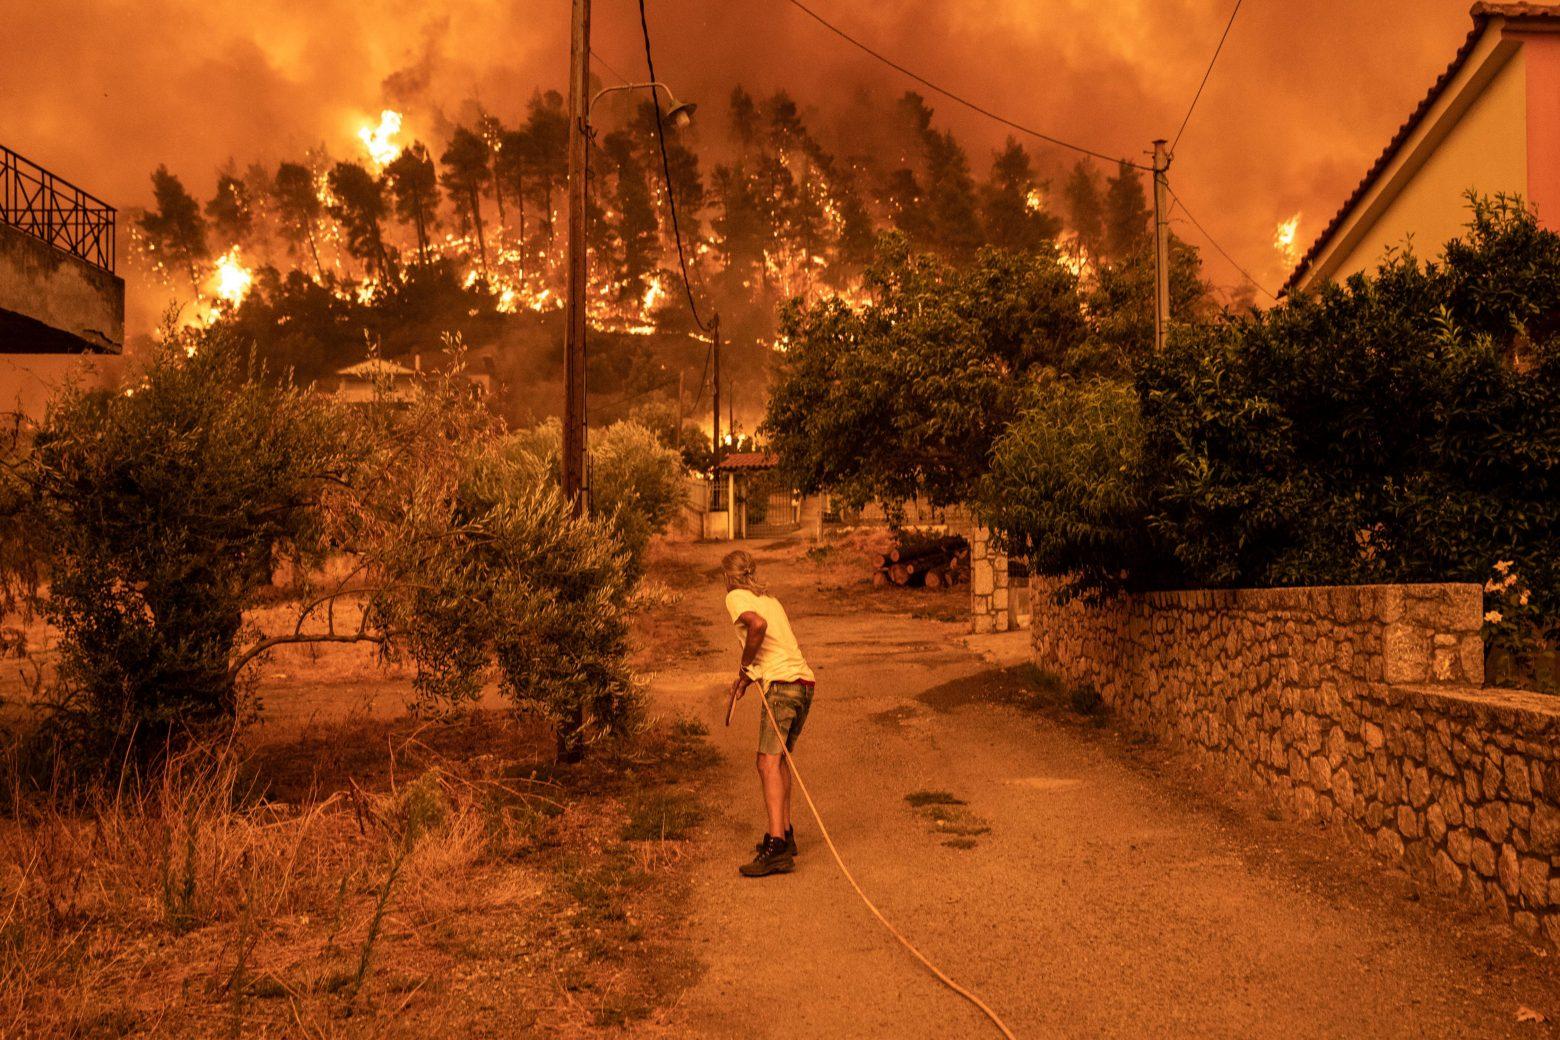 Φωτιά Εύβοια – Συγκλονίζει 19χρονος - «Πώς να ζήσουμε εδώ; Θα είμαι 60  χρόνων όταν ξαναγίνουν όλα όπως ήταν» - ΤΑ ΝΕΑ